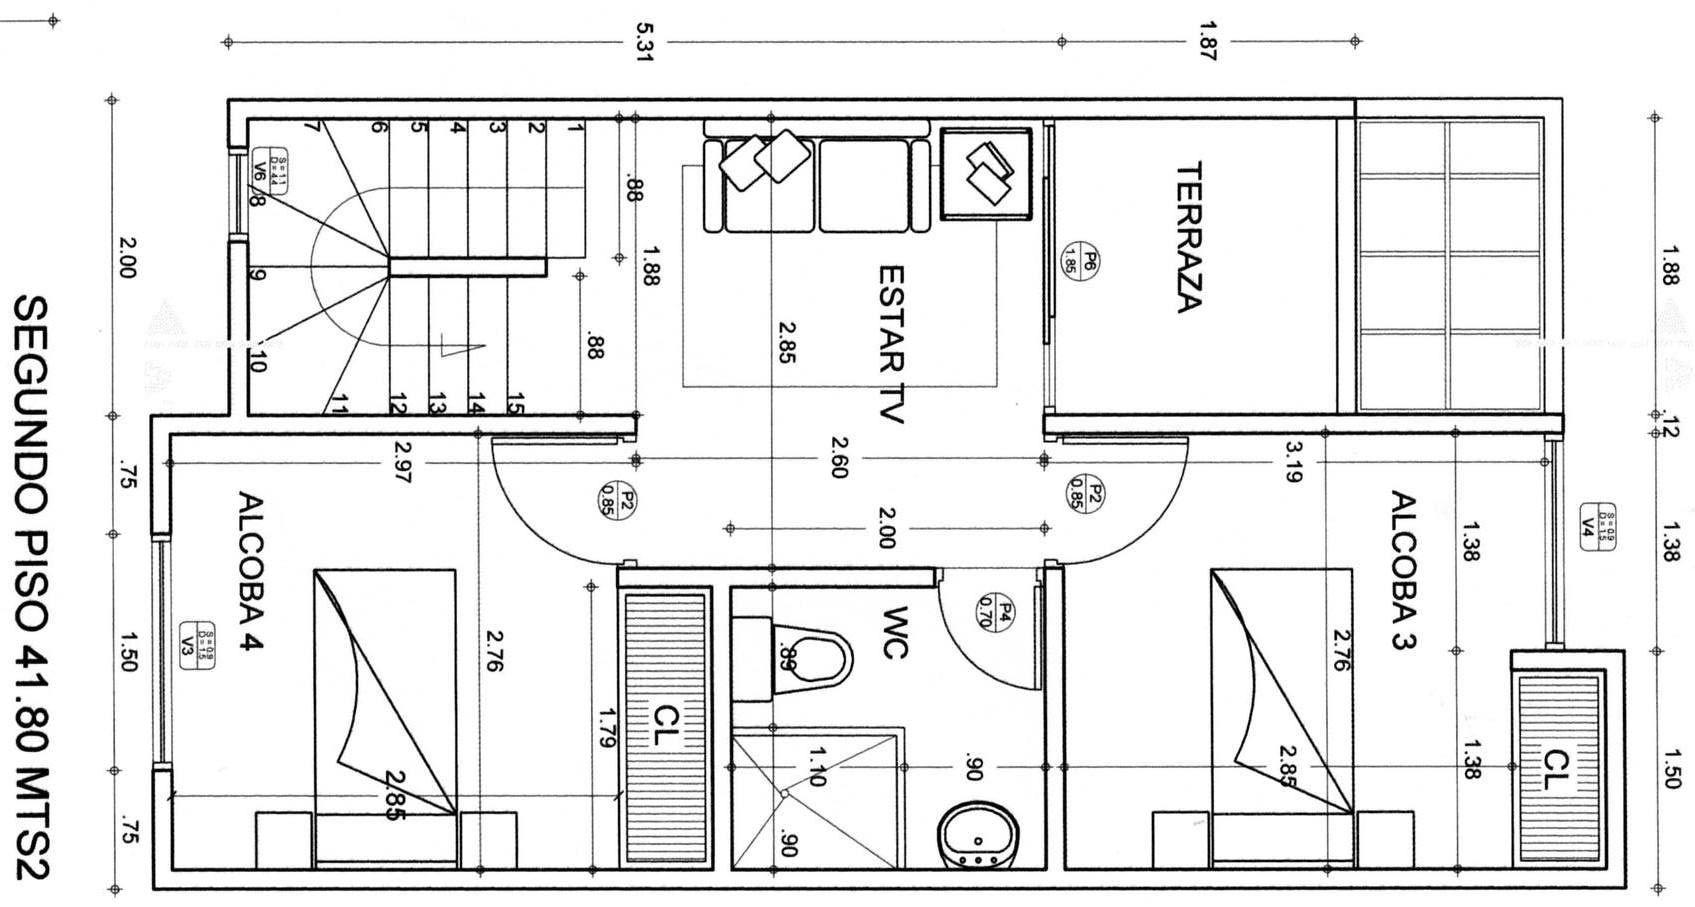 Planos arquitectonicos gratis buscar con google planos for Planos google